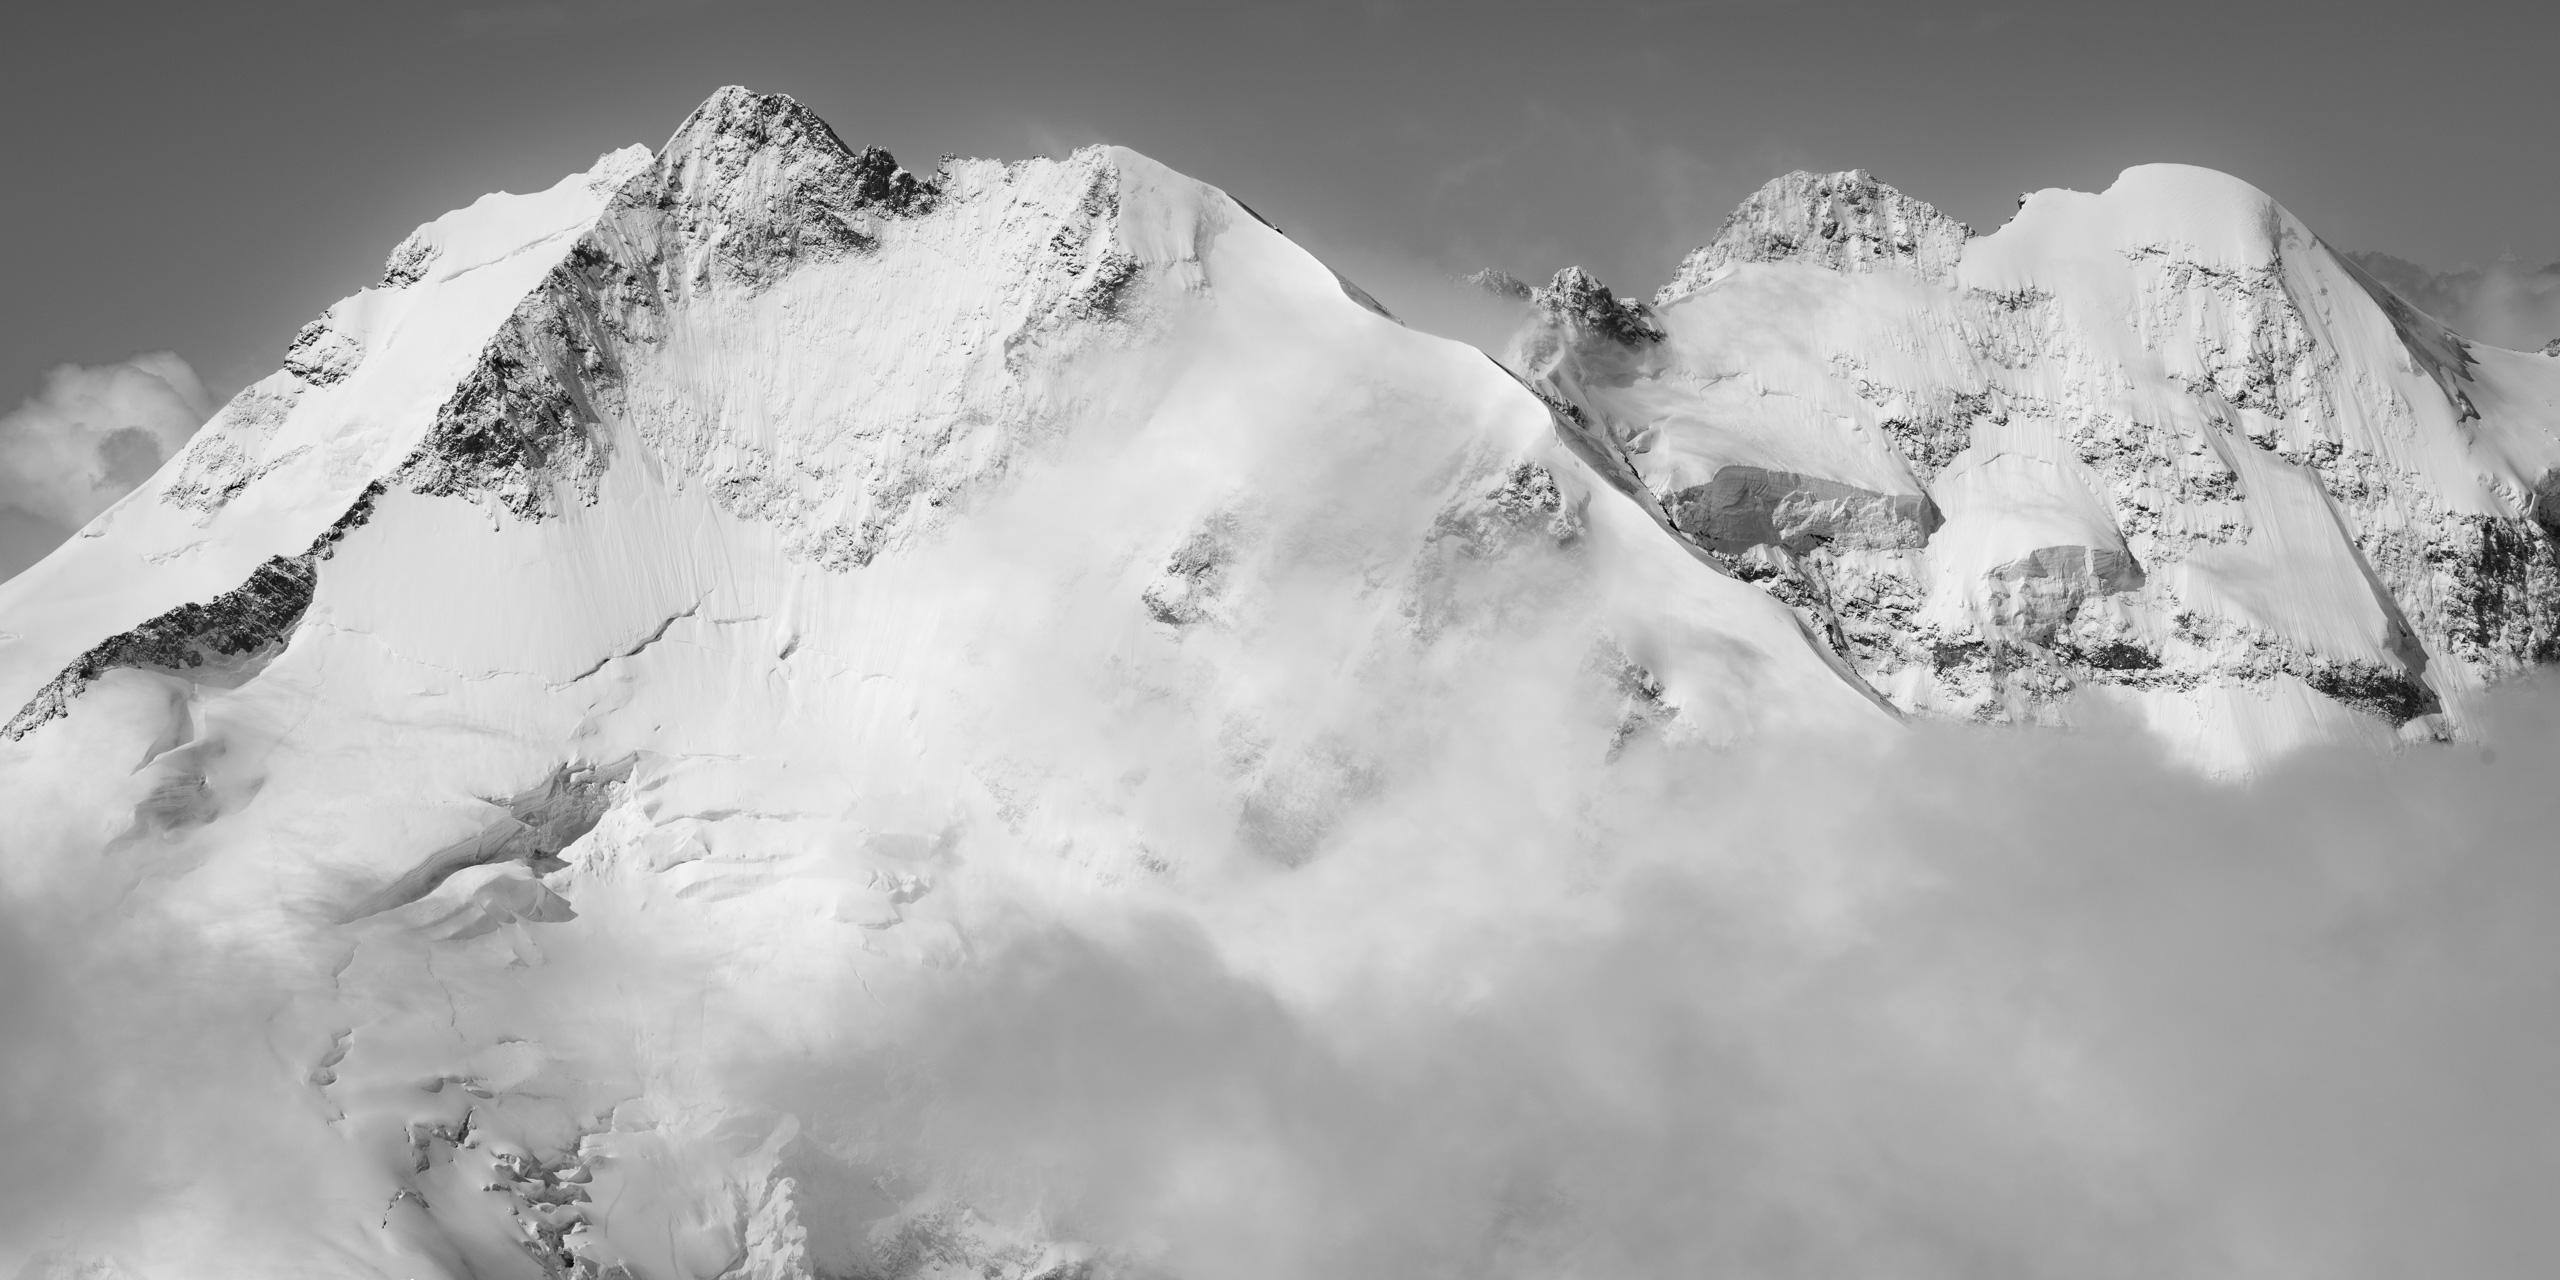 Bernina - photo paysage montagne noir et blanc Alpes Suisses